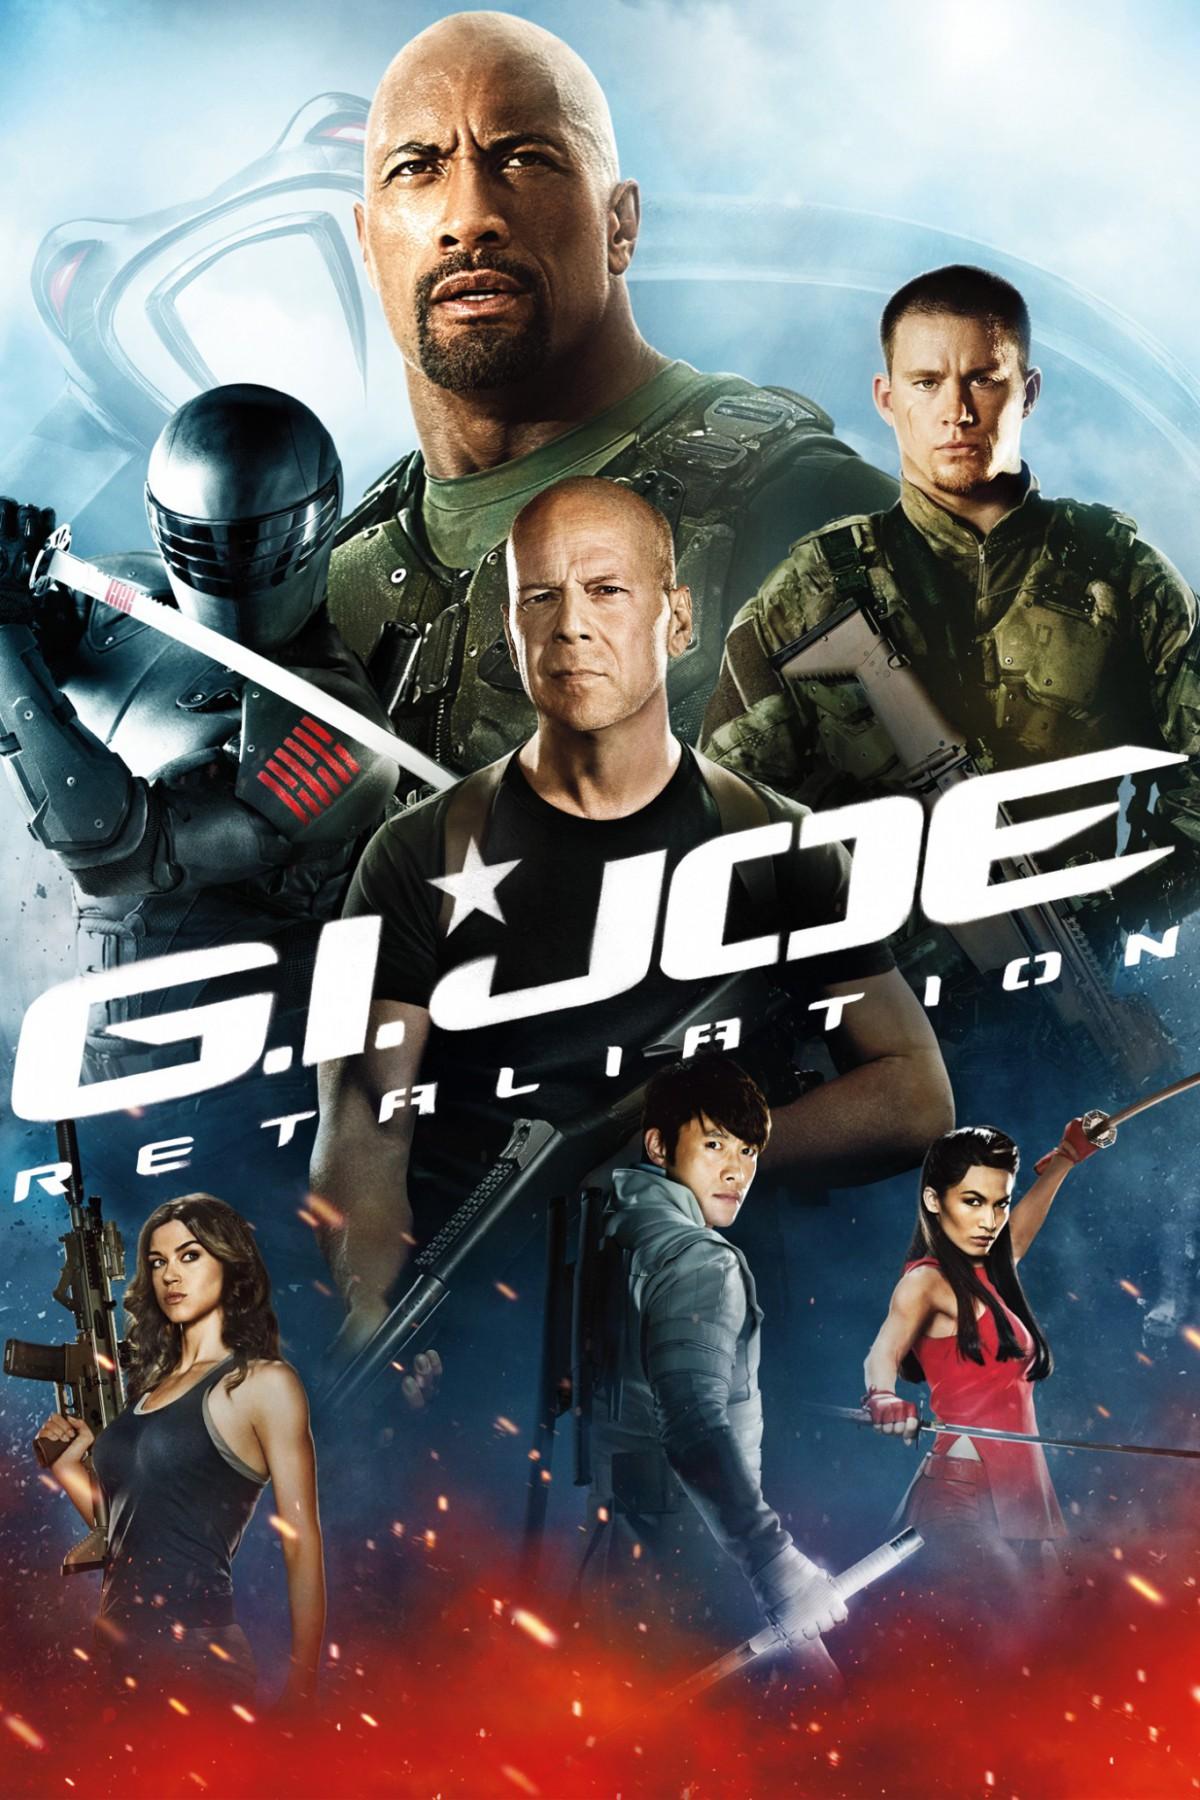 GI Joe - Retaliation